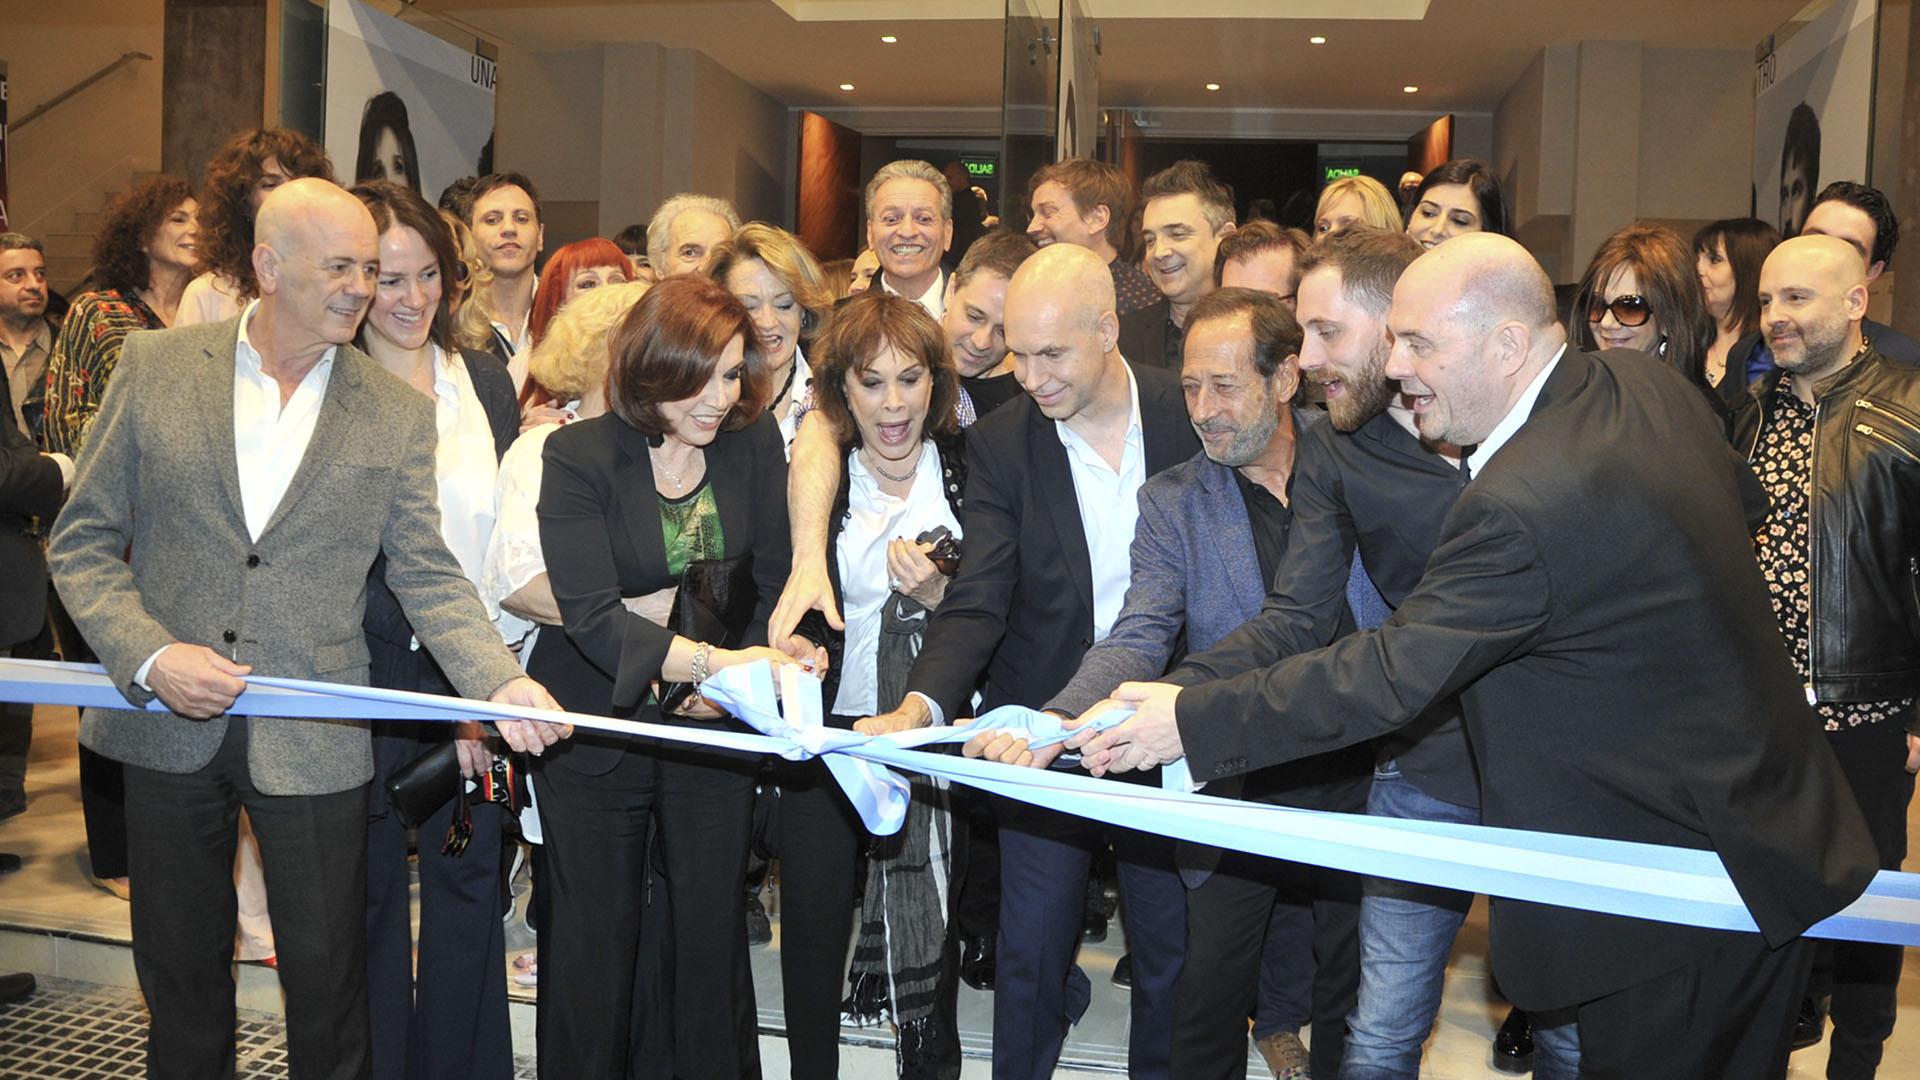 Nora Cárpena, Thelma Biral, Francella y Muscari, entre otros, en el momento de la inauguración (Teleshow)